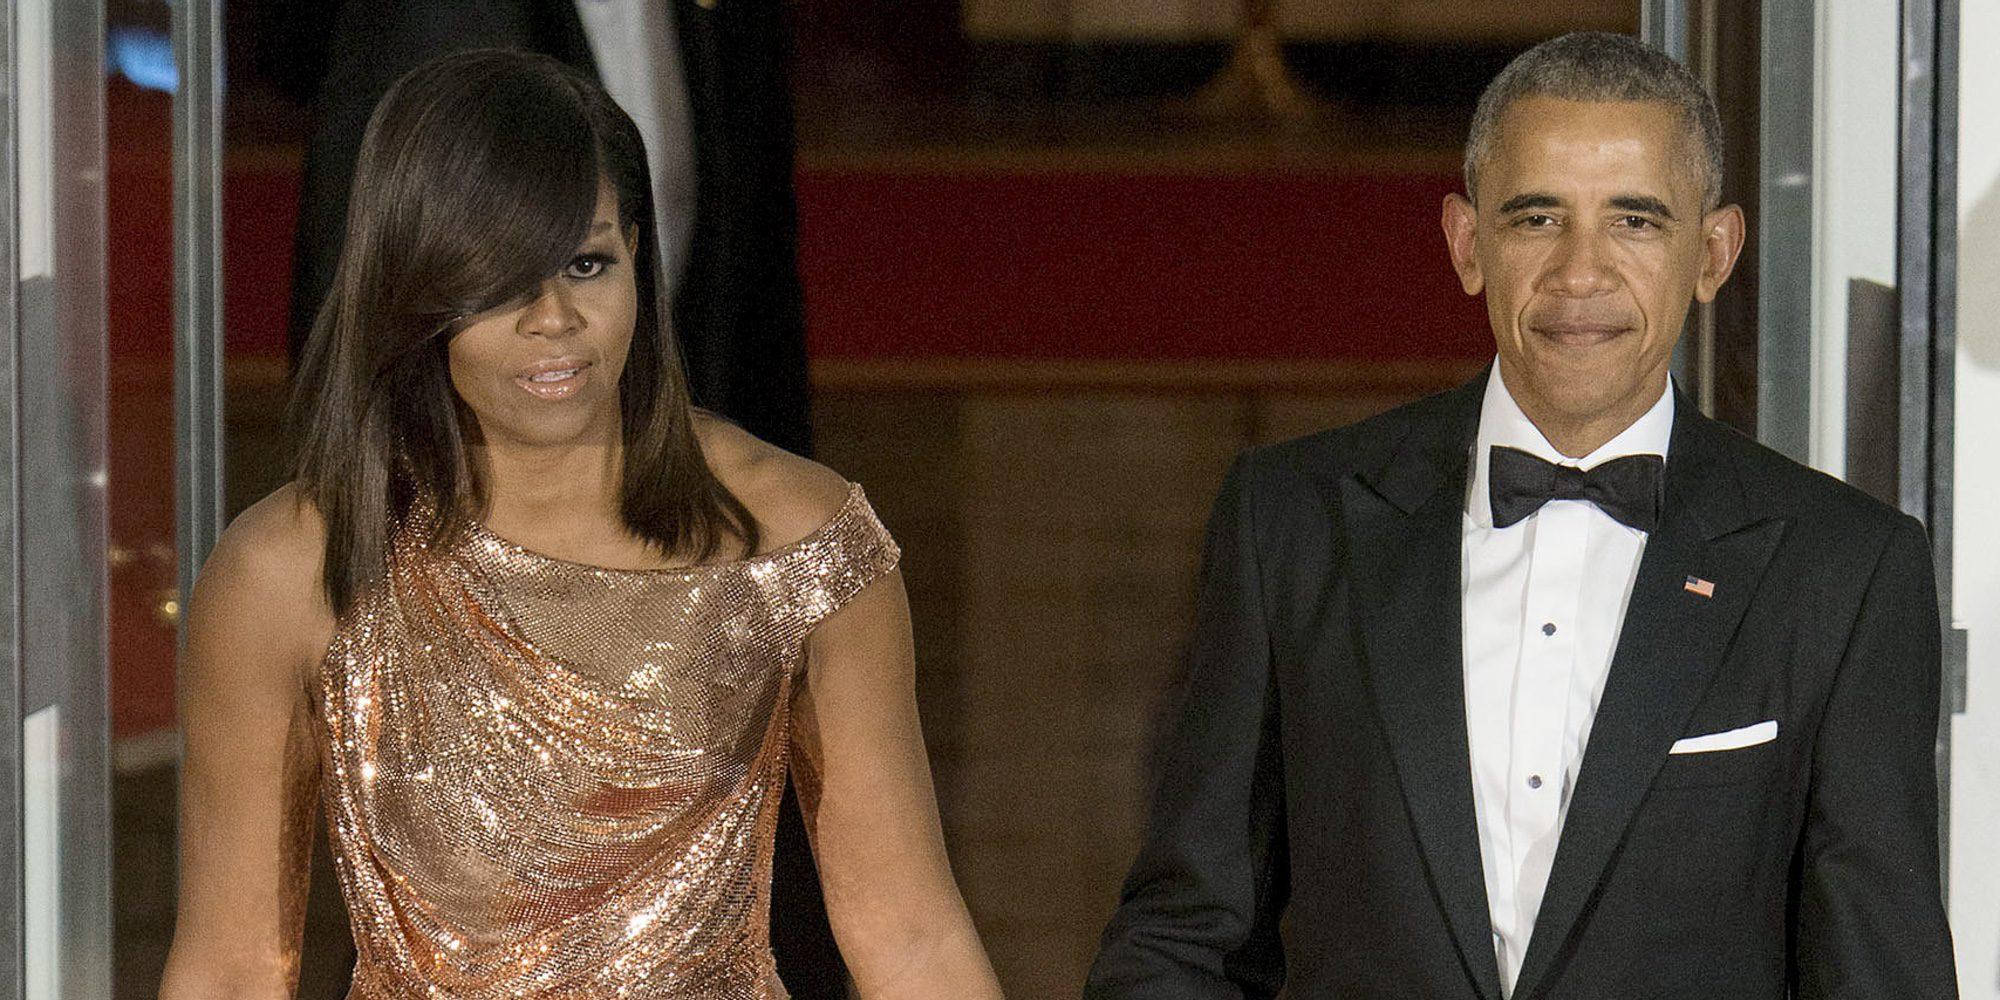 Michelle y Barack Obama disfrutan de sus primeras vacaciones tras abandonar la Casa Blanca